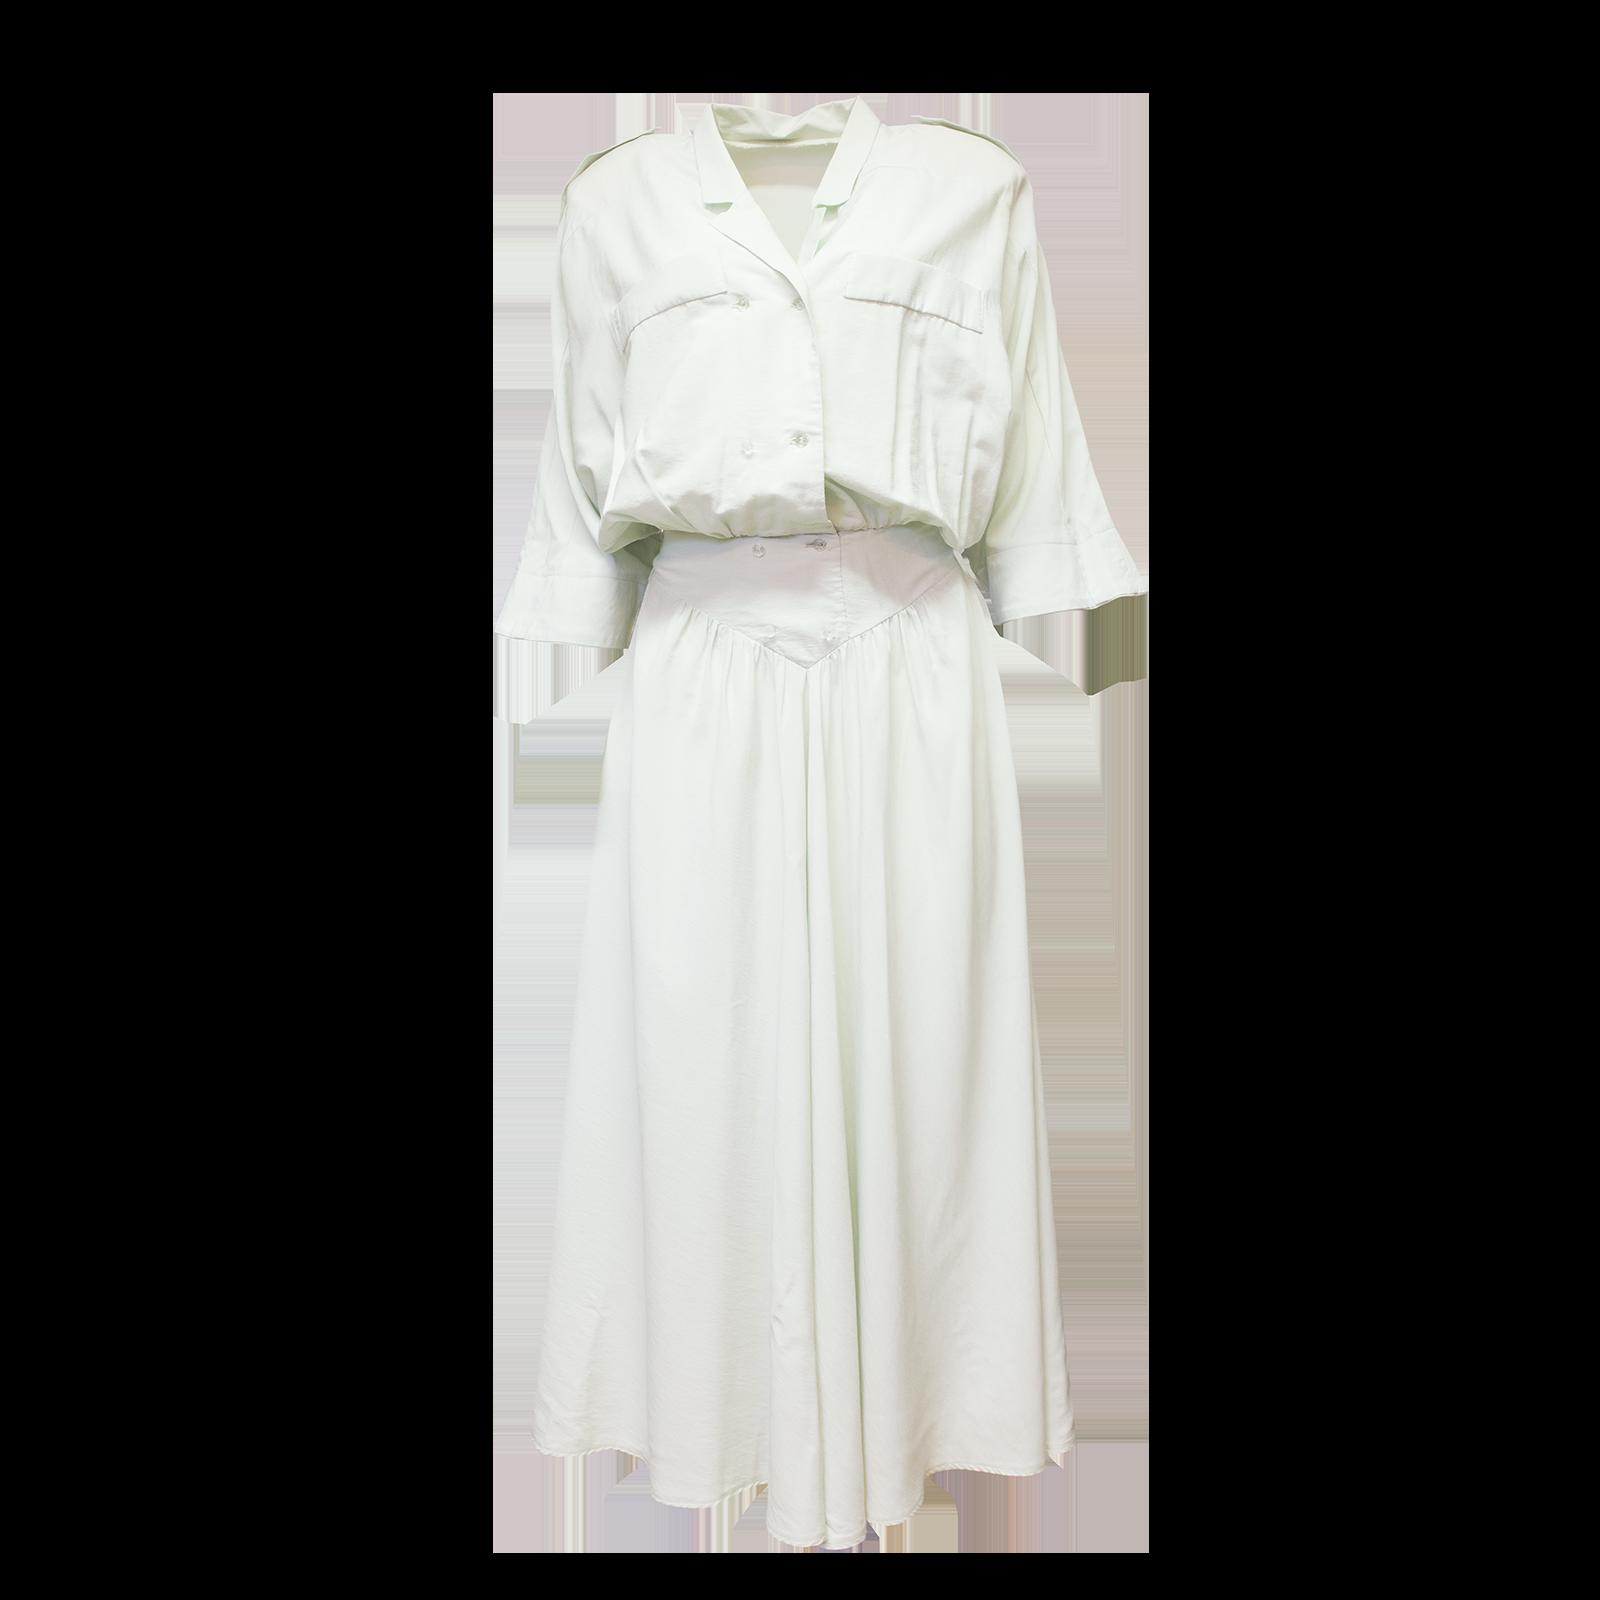 mintunvihreä mekko